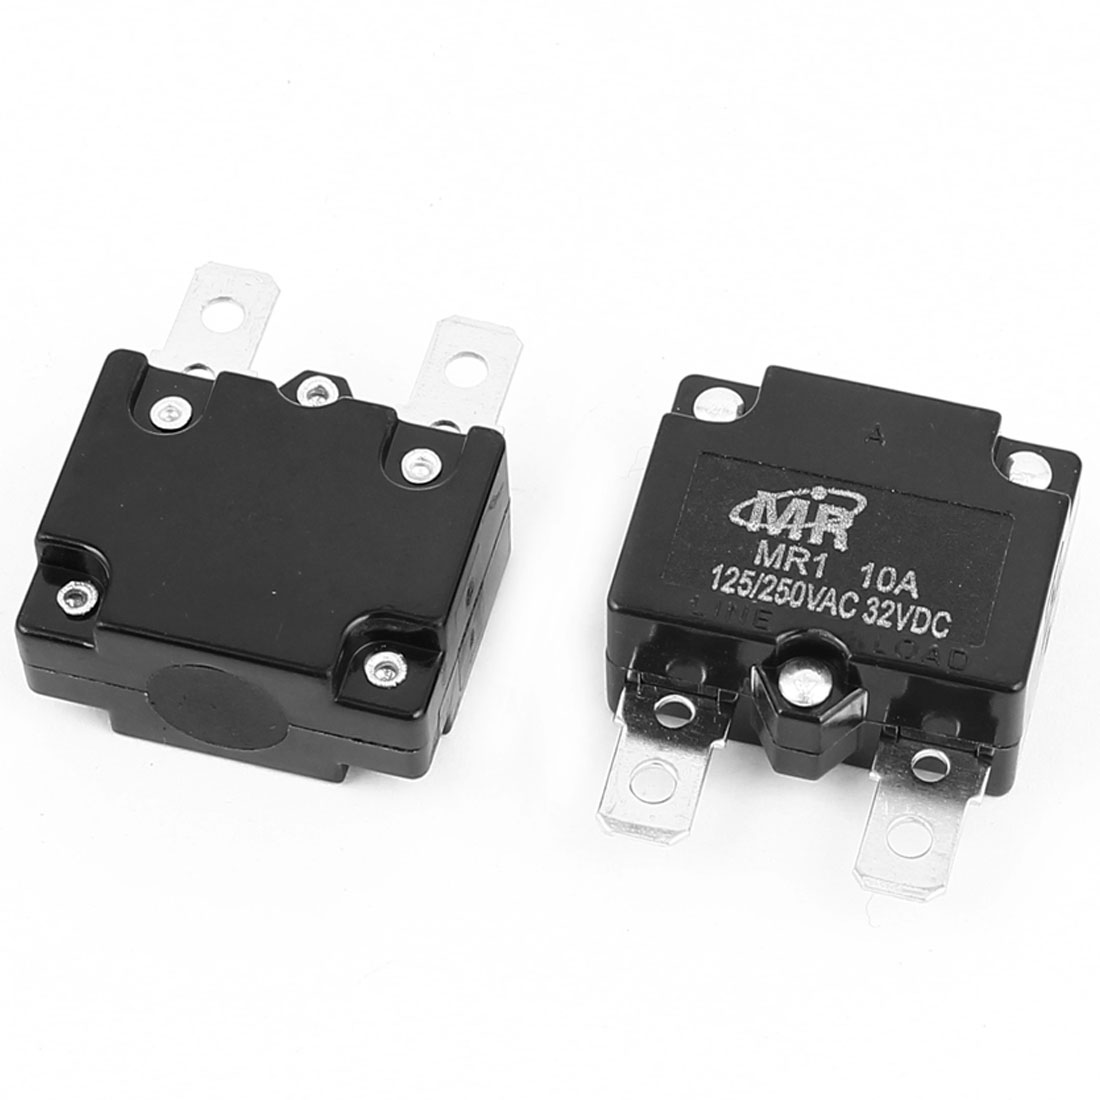 AC 125V/250V 10A NC Automatic Reset Overload Protector Circuit Breaker 2Pcs